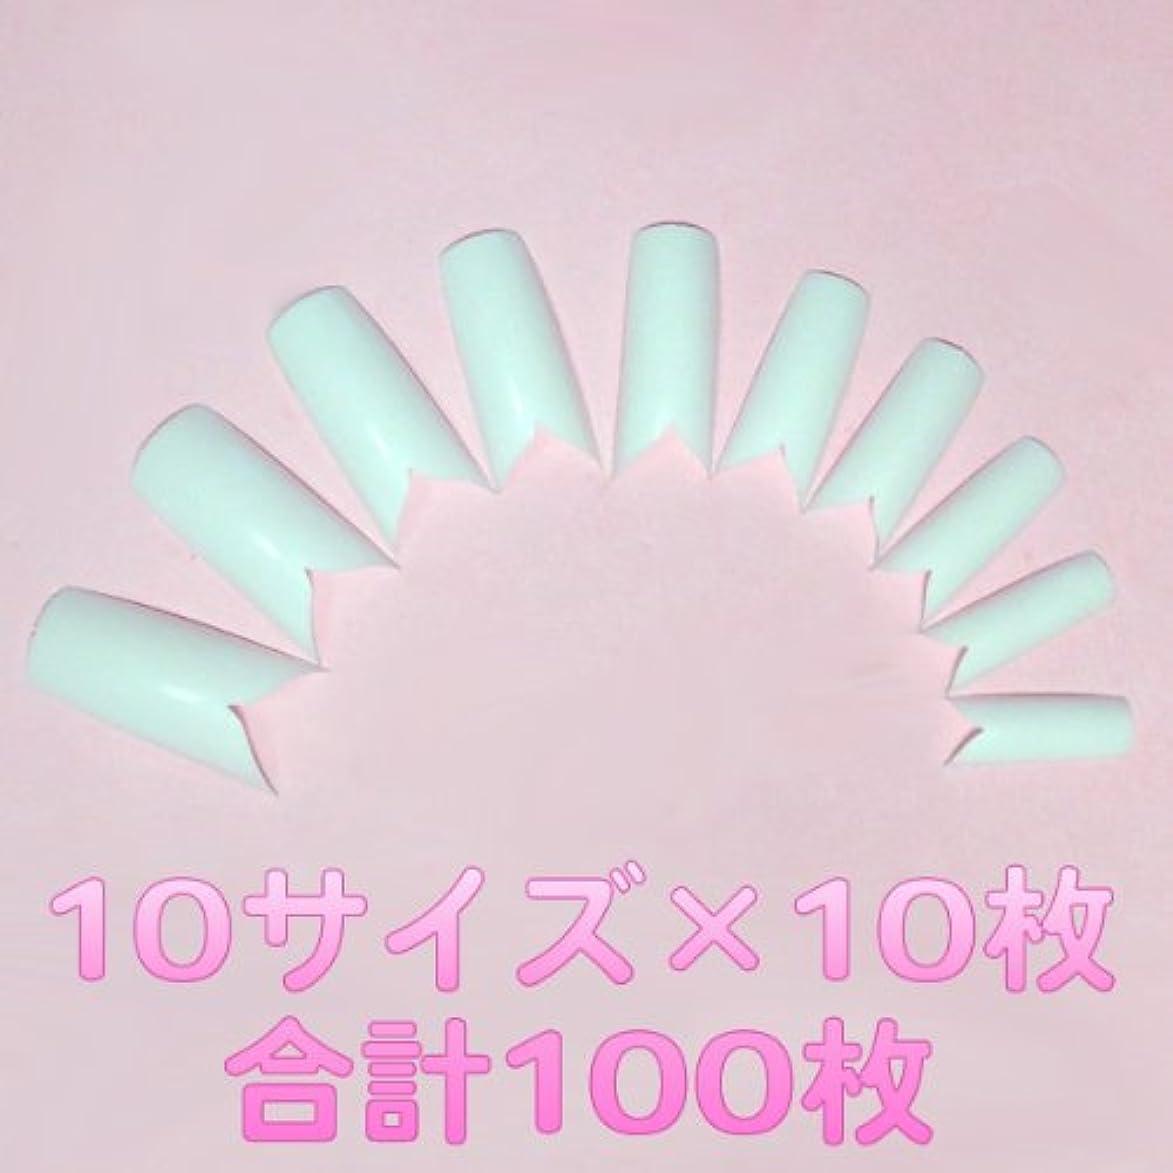 ワンダーファセット磁石ネイルチップ フレンチホワイト ハーフタイプ シャープなスマイルライン[#c1] つけ爪付け爪